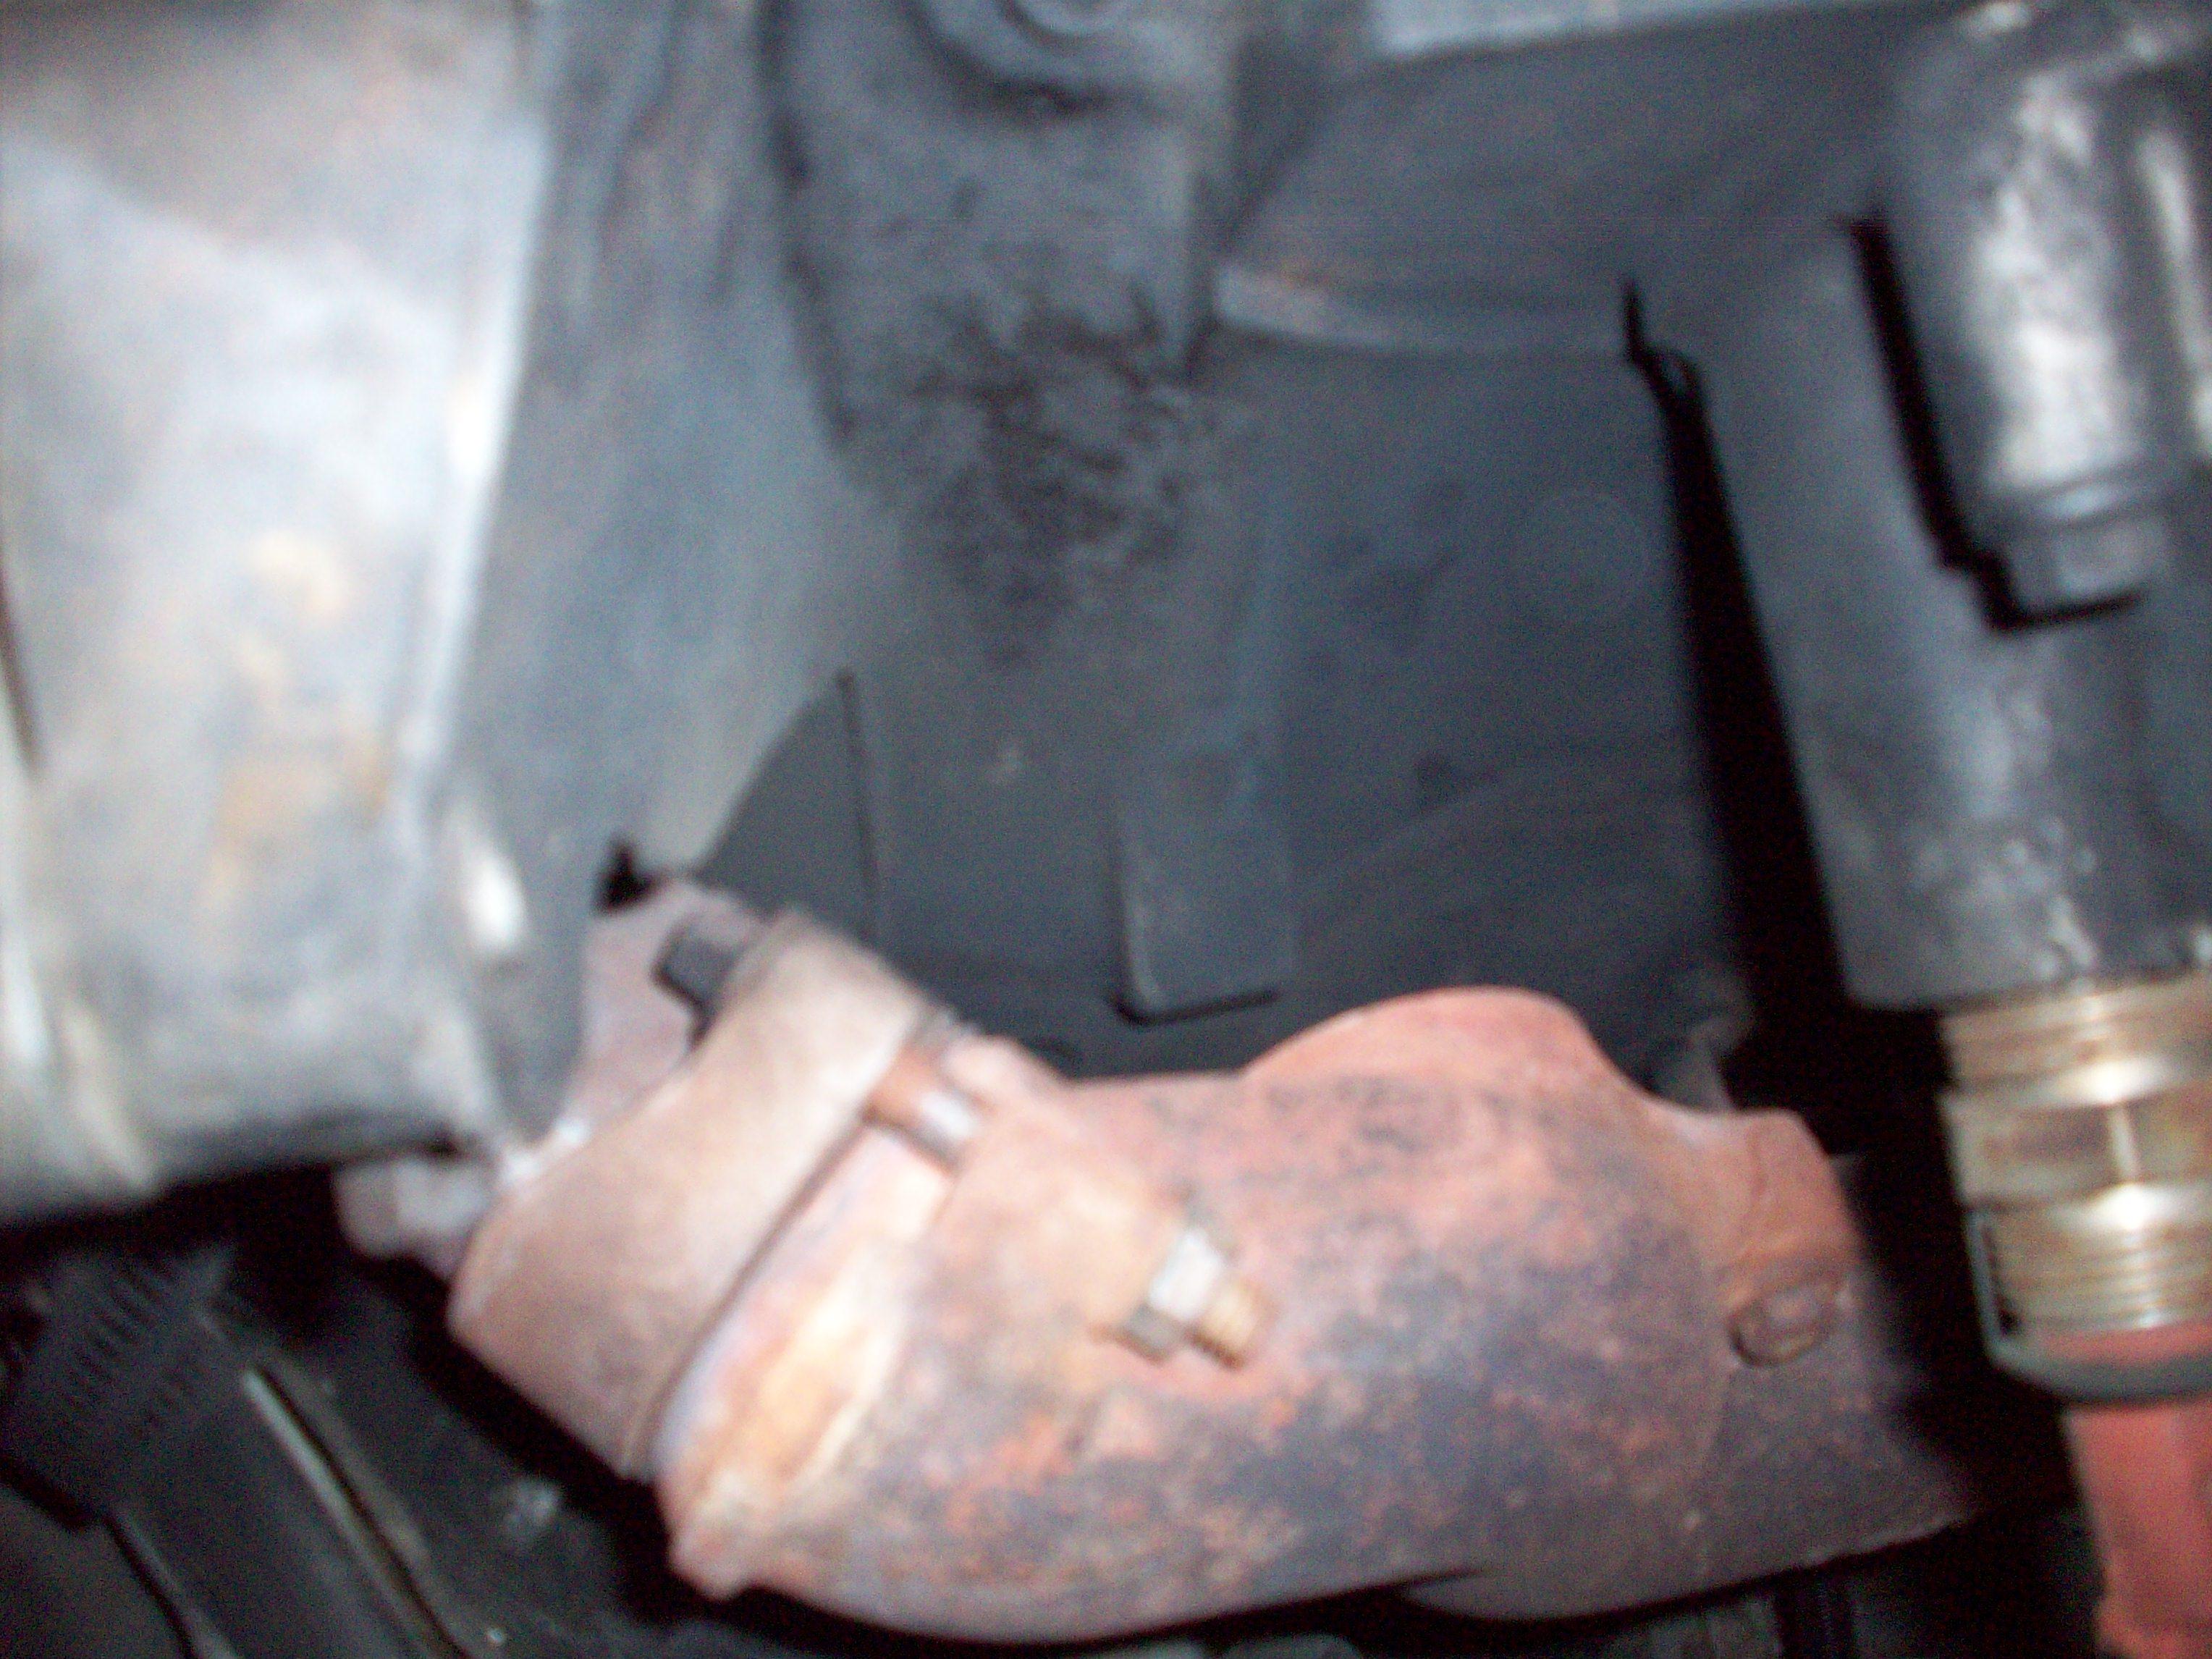 exhaust manifold leaking - Diesel Forum - TheDieselStop com